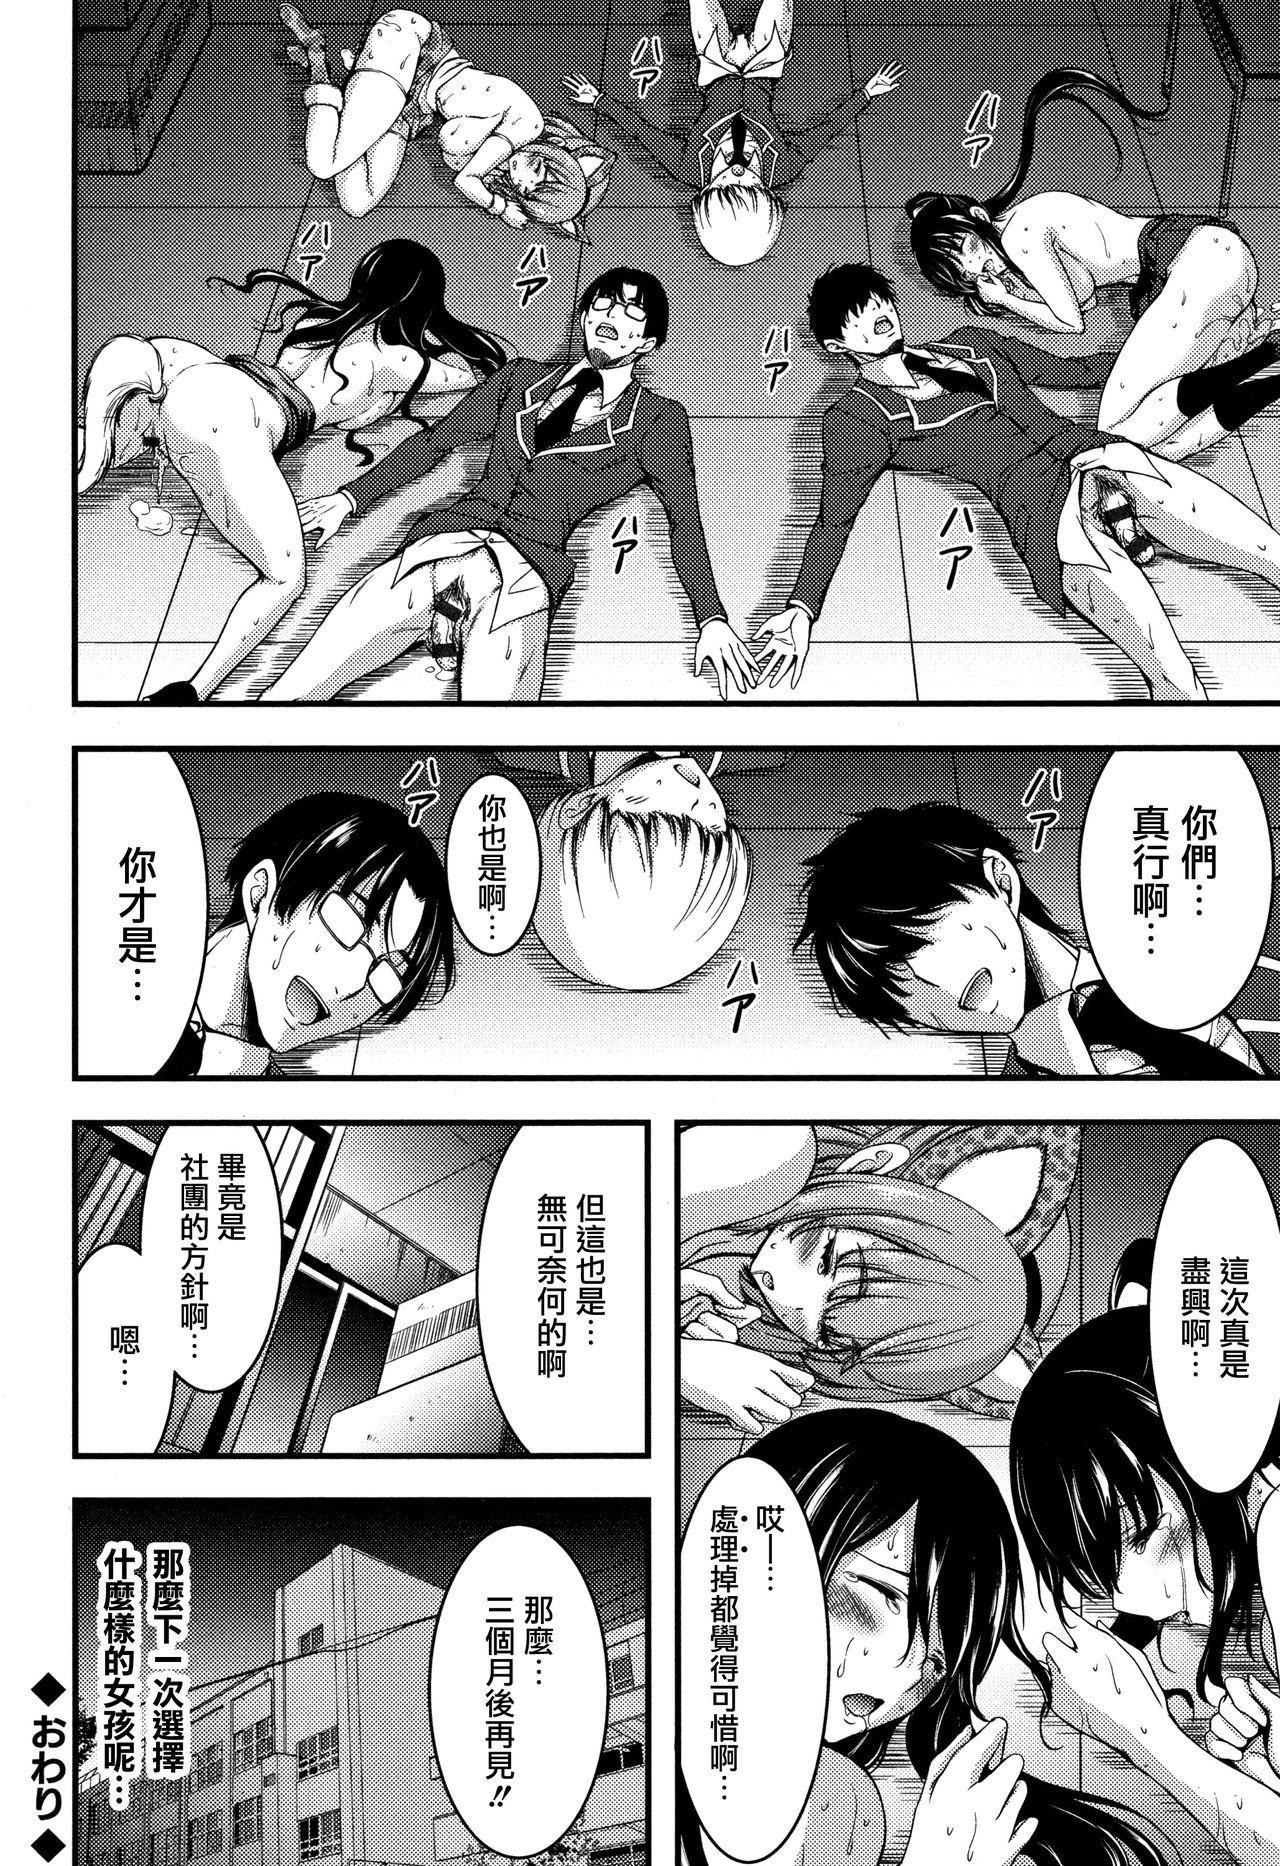 Nichijou Bitch Seitai Kansatsu 218